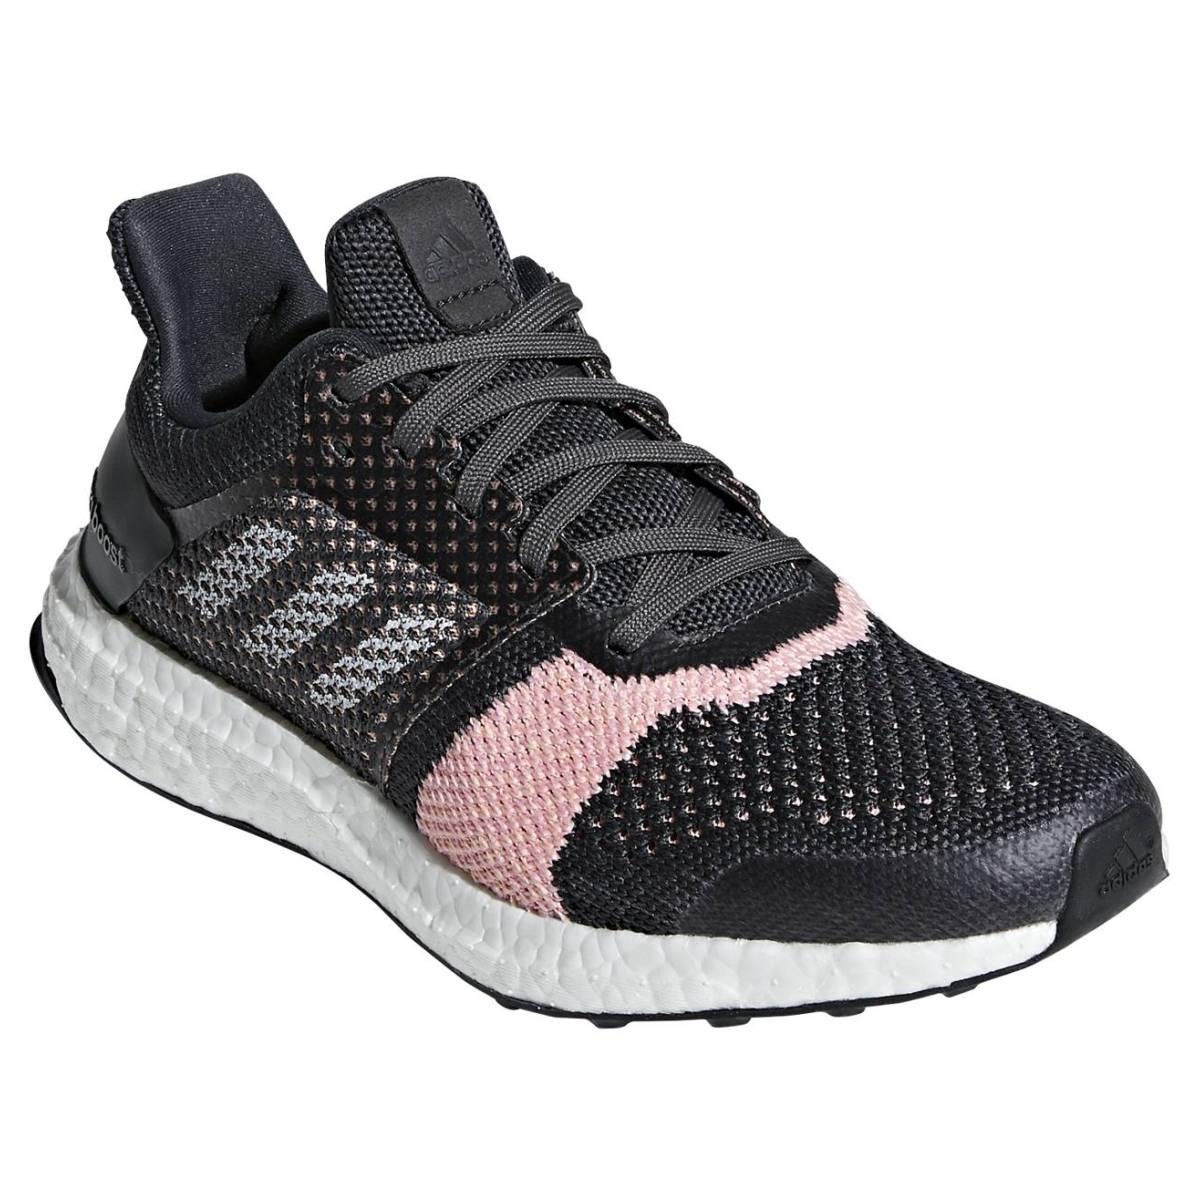 adidas Ultra Boost ST Damen Laufschuhe carbon Gr. 40